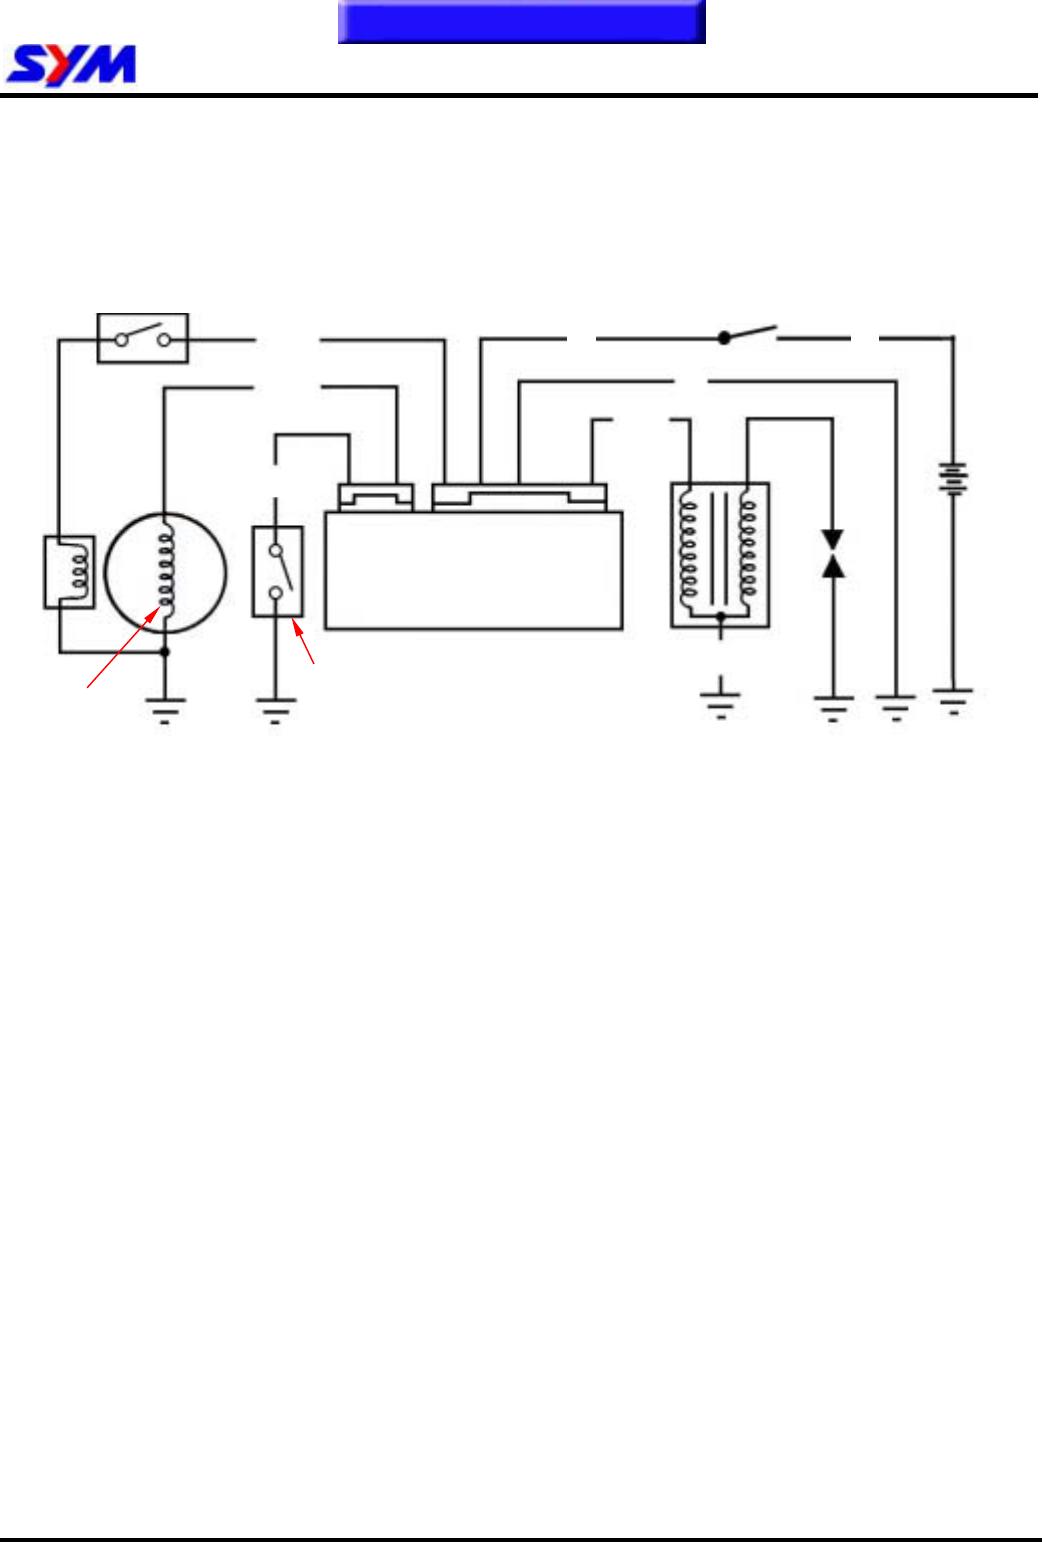 [SCHEMATICS_4HG]  B360 Sym Cdi Wiring Diagram   Wiring Resources   Sym Cdi Ignition Wiring Diagram      Wiring Resources